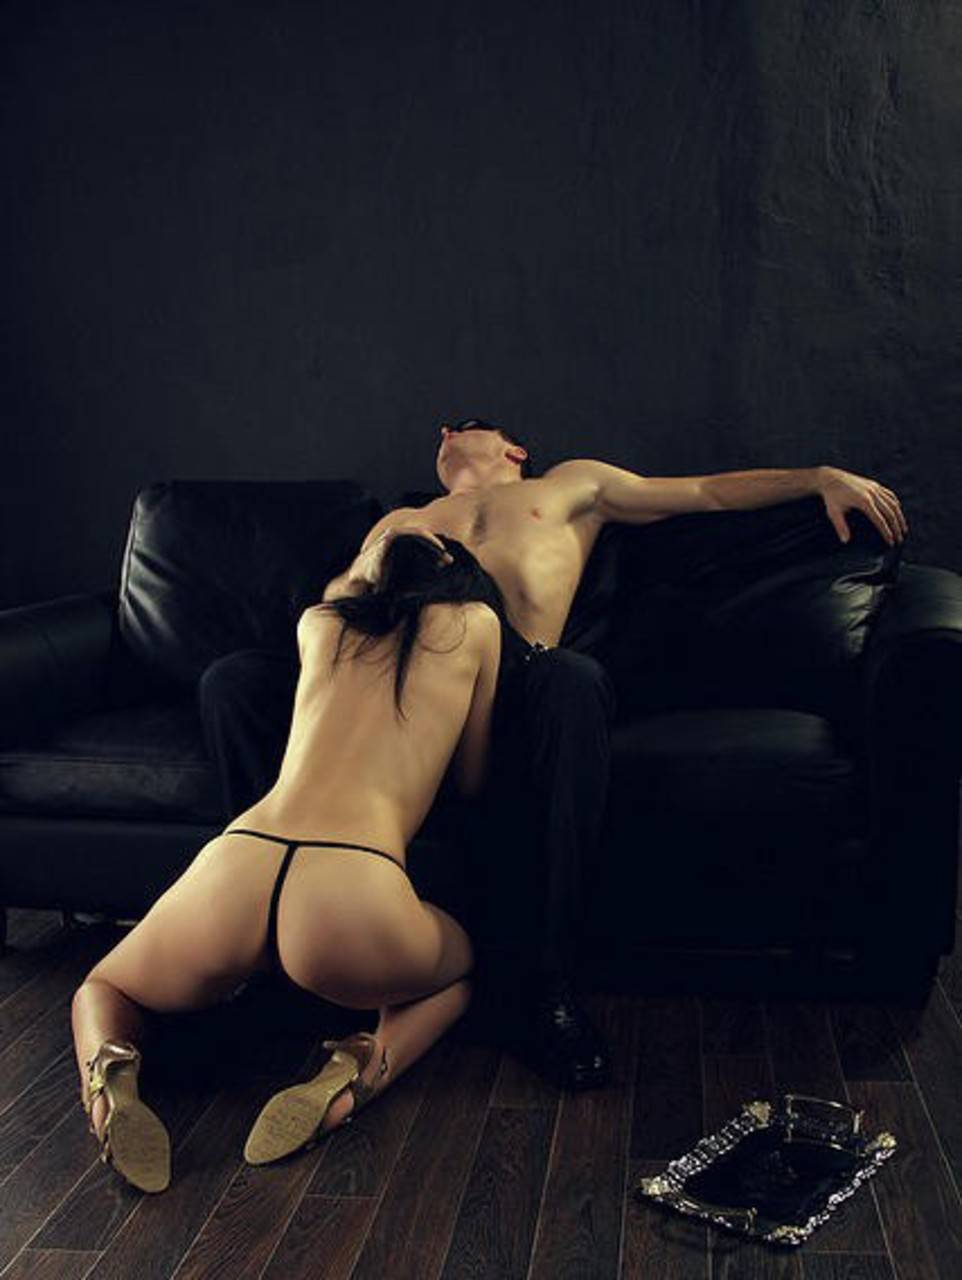 Смотреть страстный секс в офисе 1 фотография